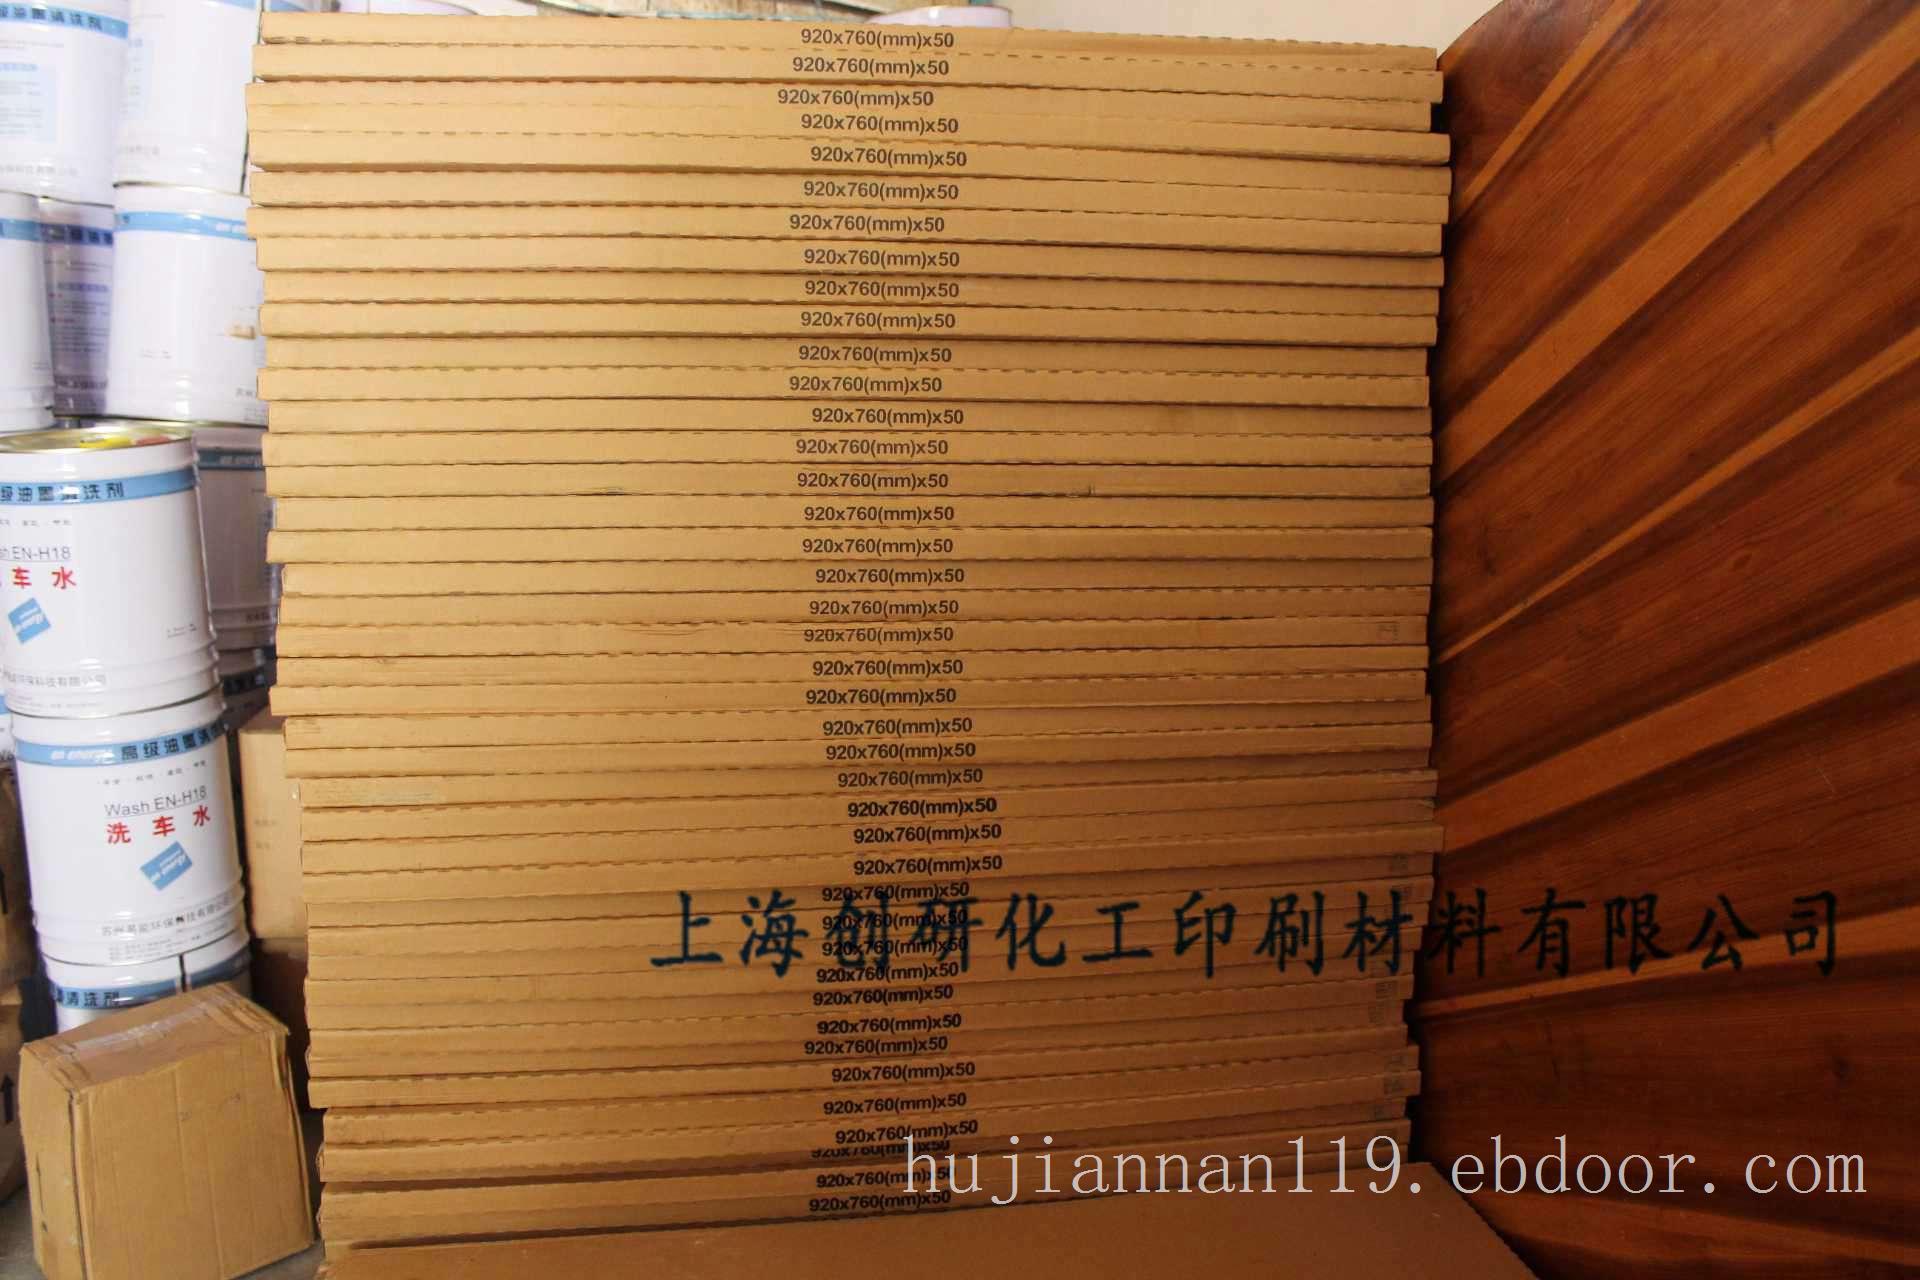 上海印刷Ps版生产 ps版的规格与价格